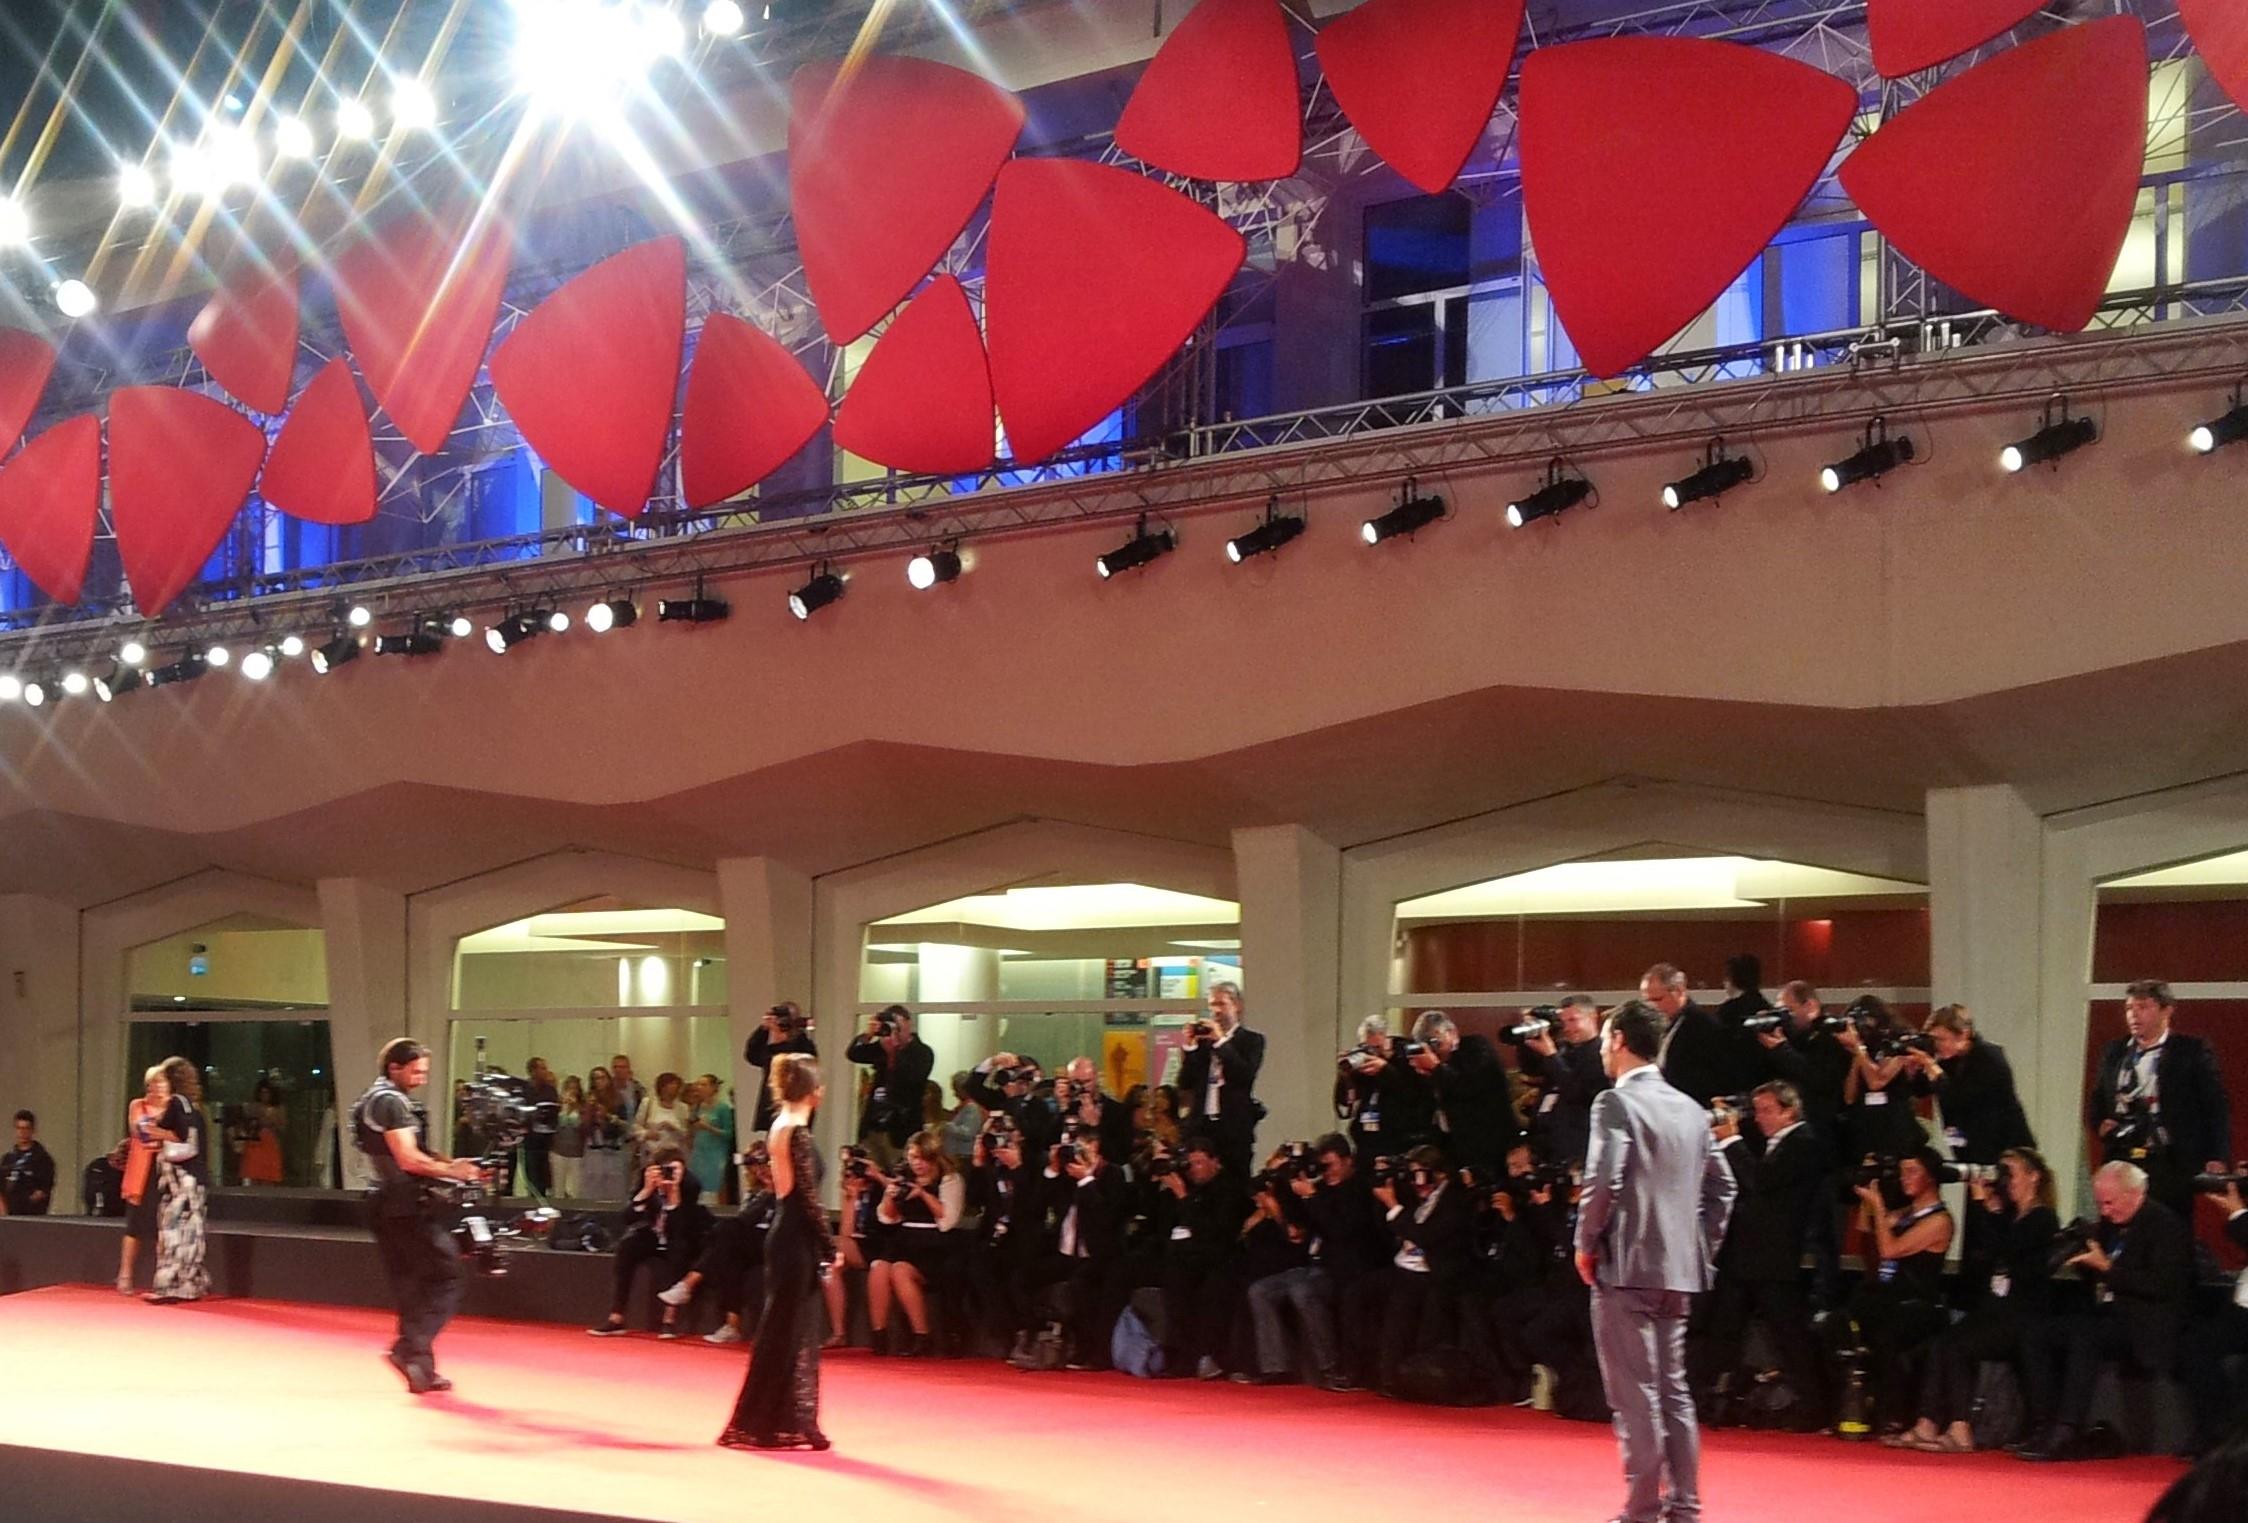 redcarpet2.jpg